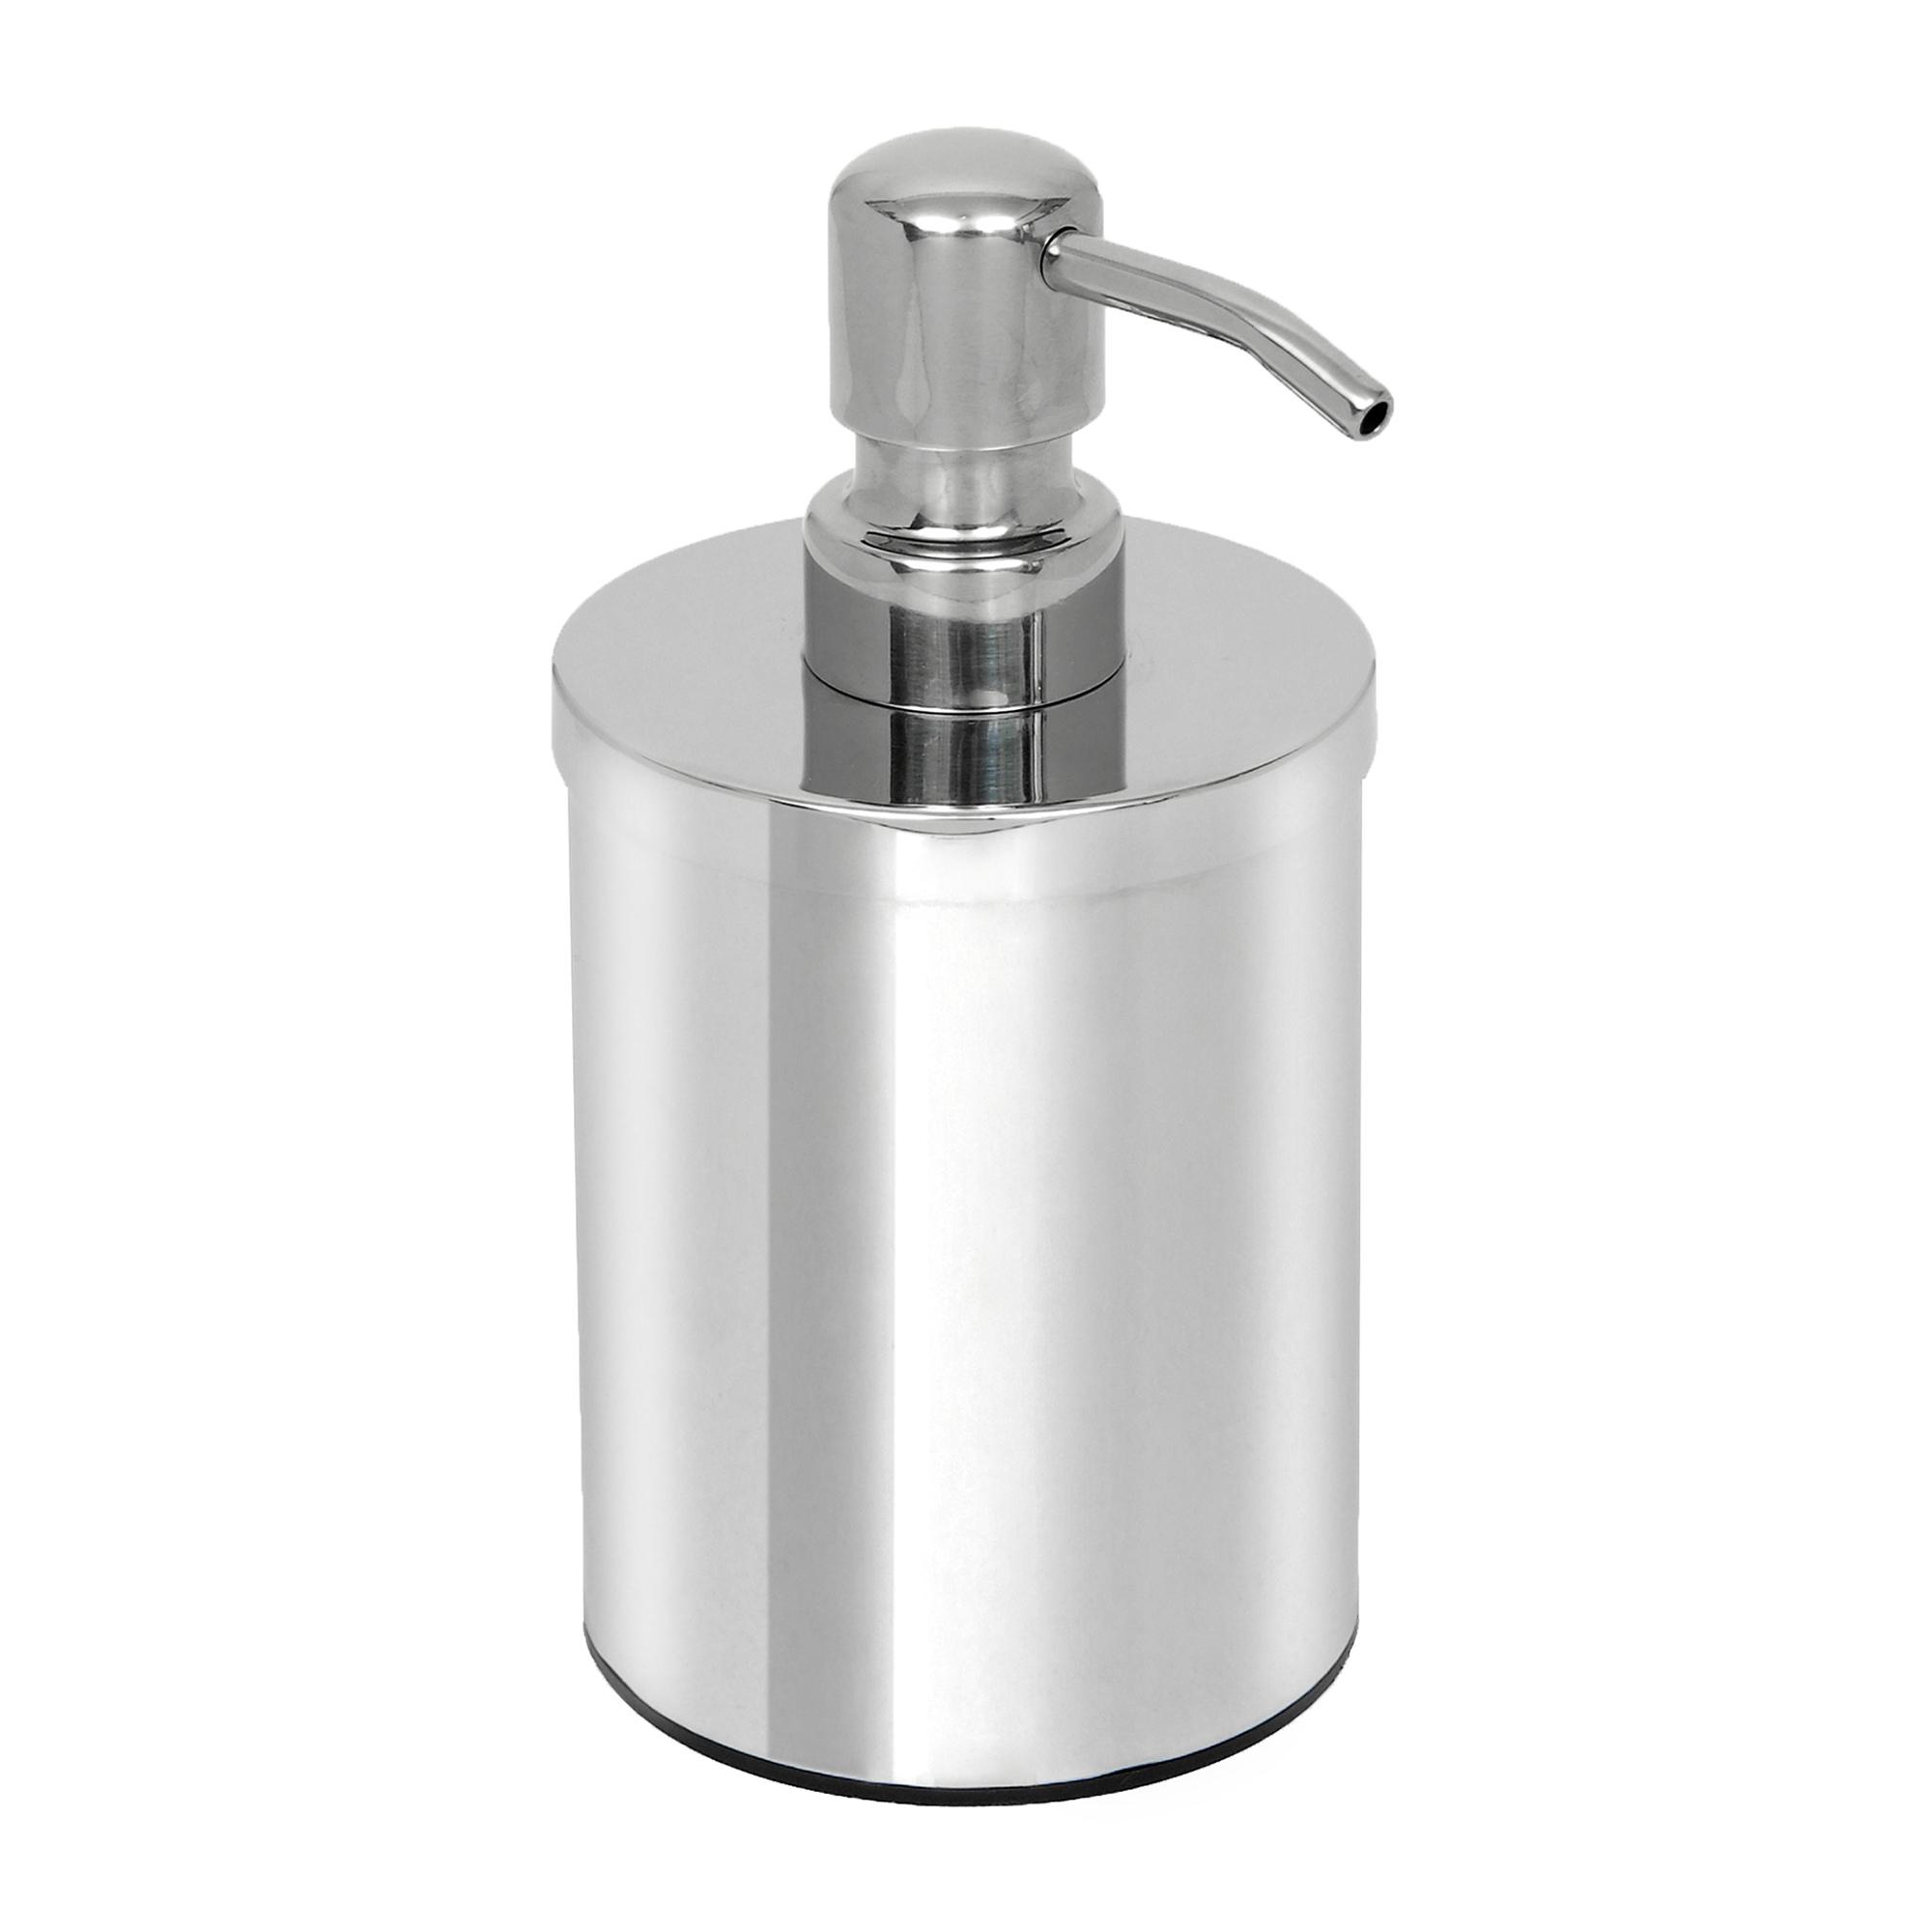 Ντισπένσερ Inox 8x16εκ. Pam & Co - Pam & Co - 90-001 μπανιο αξεσουάρ μπάνιου